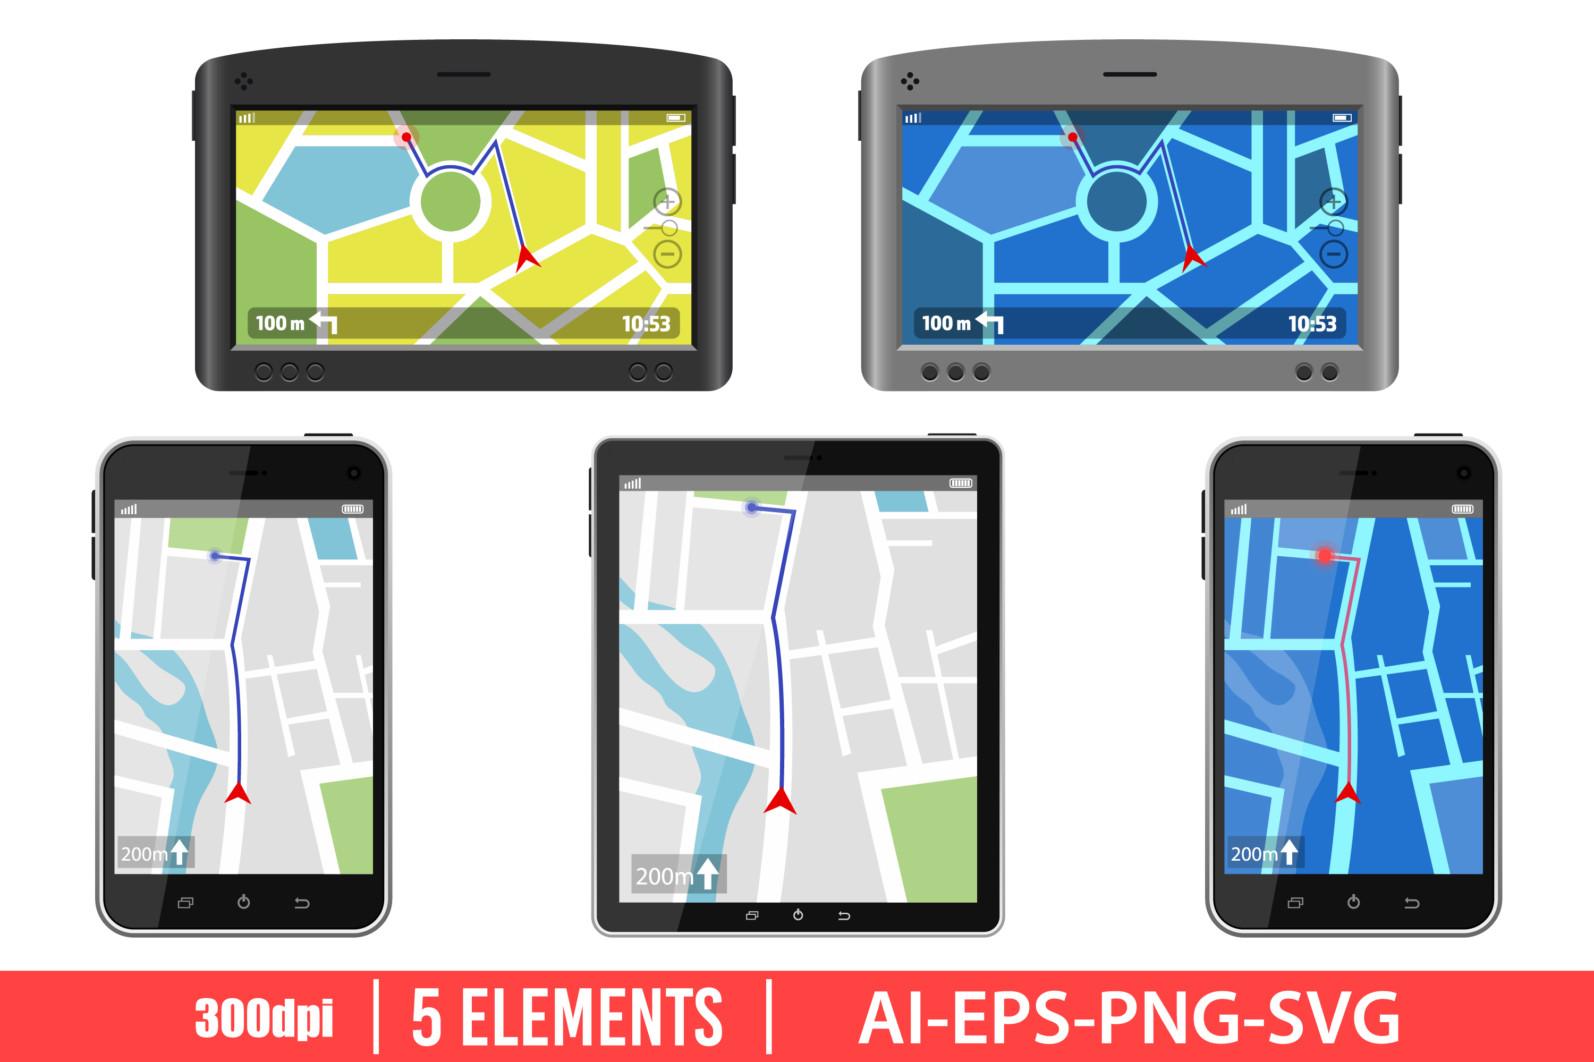 Gps navigation system clipart vector design illustration. GPS set. Vector Clipart Print - GPS scaled -